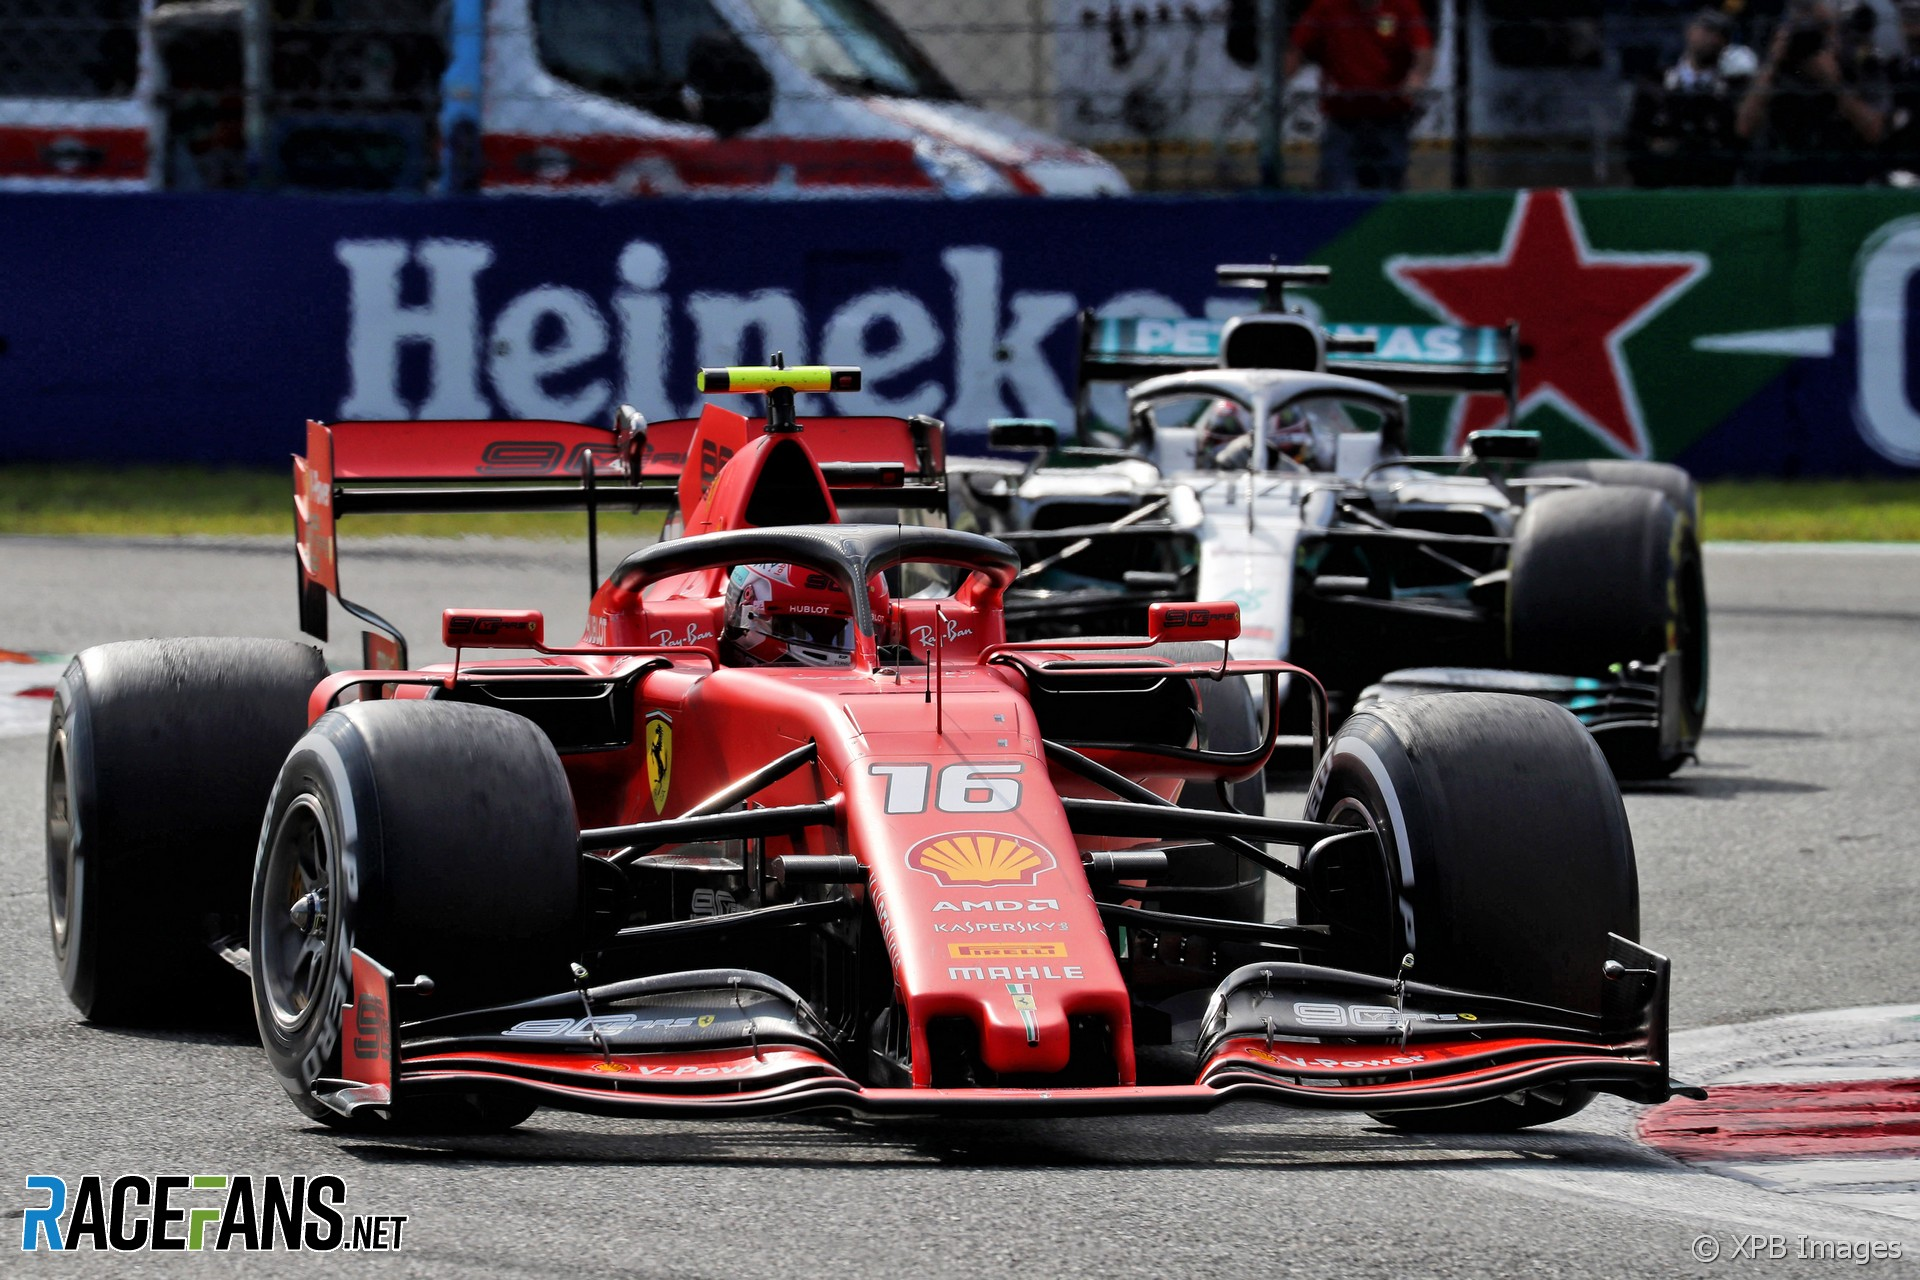 Charles Leclerc, Lewis Hamilton, Monza, 2019